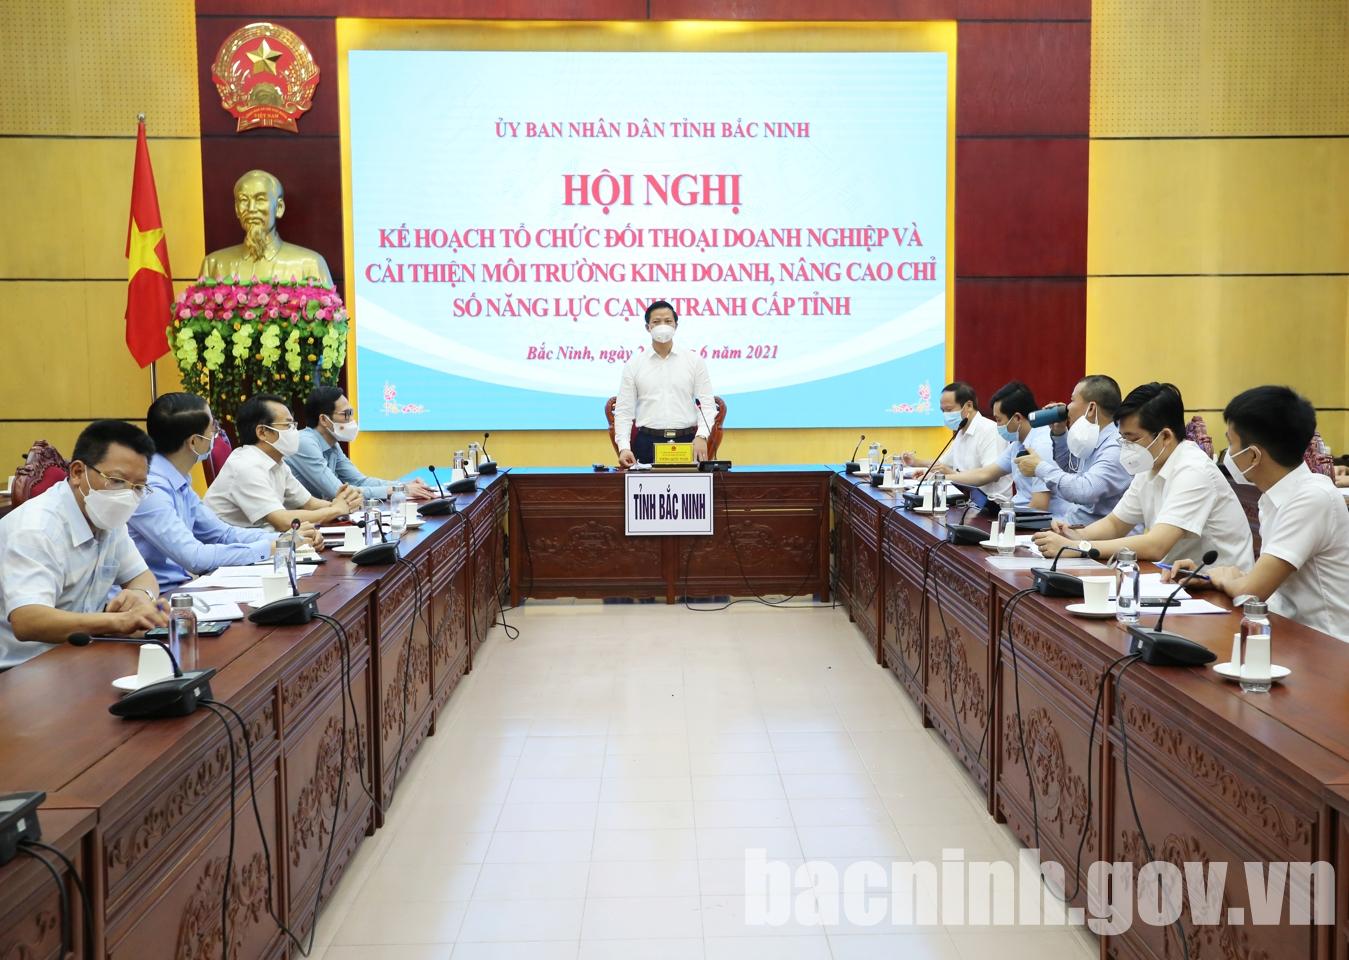 Bắc Ninh: Chuẩn bị khởi công thêm 2 khu công nghiệp VSIP II và Thuận Thành I - Ảnh 1.